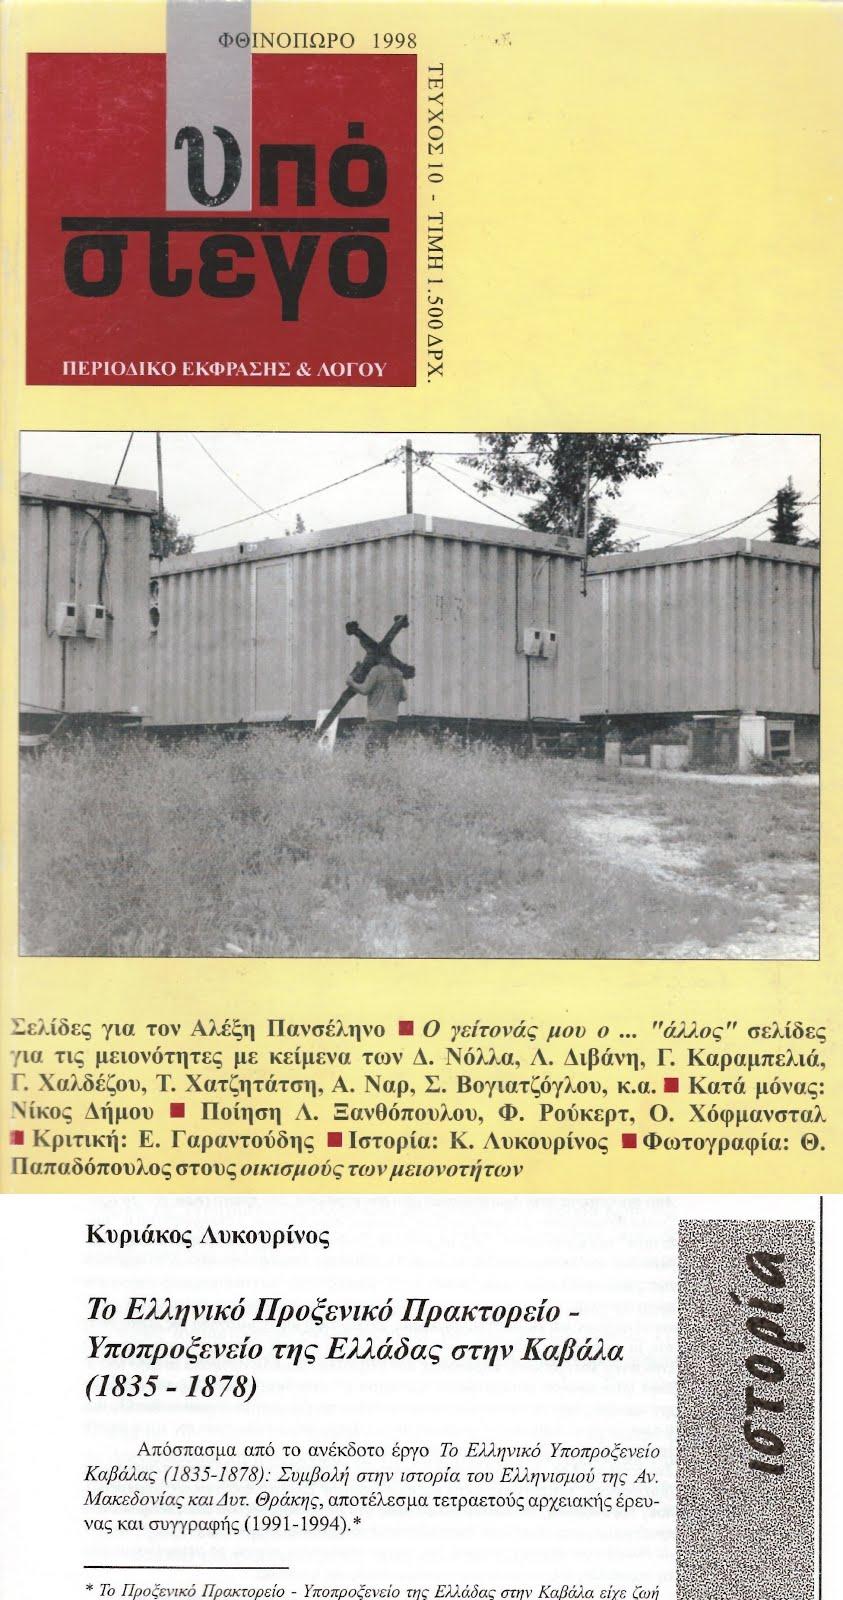 Το Προξενικό Πρακτορείο - Υποπροξενείο της Ελλάδας στην Καβάλα, 1835-1878, σελ. 145-173